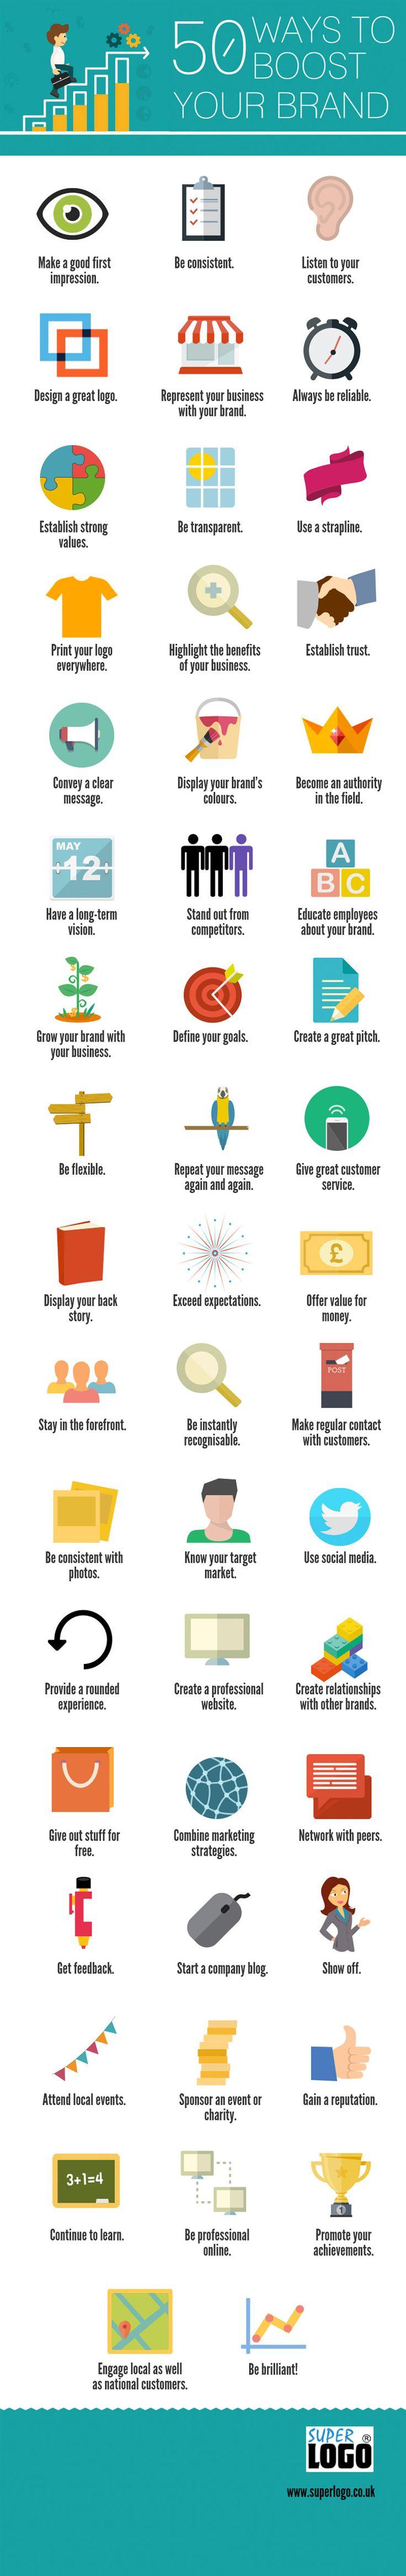 50 ways to boost your brand. #socialmediamarketing #Socialmedia